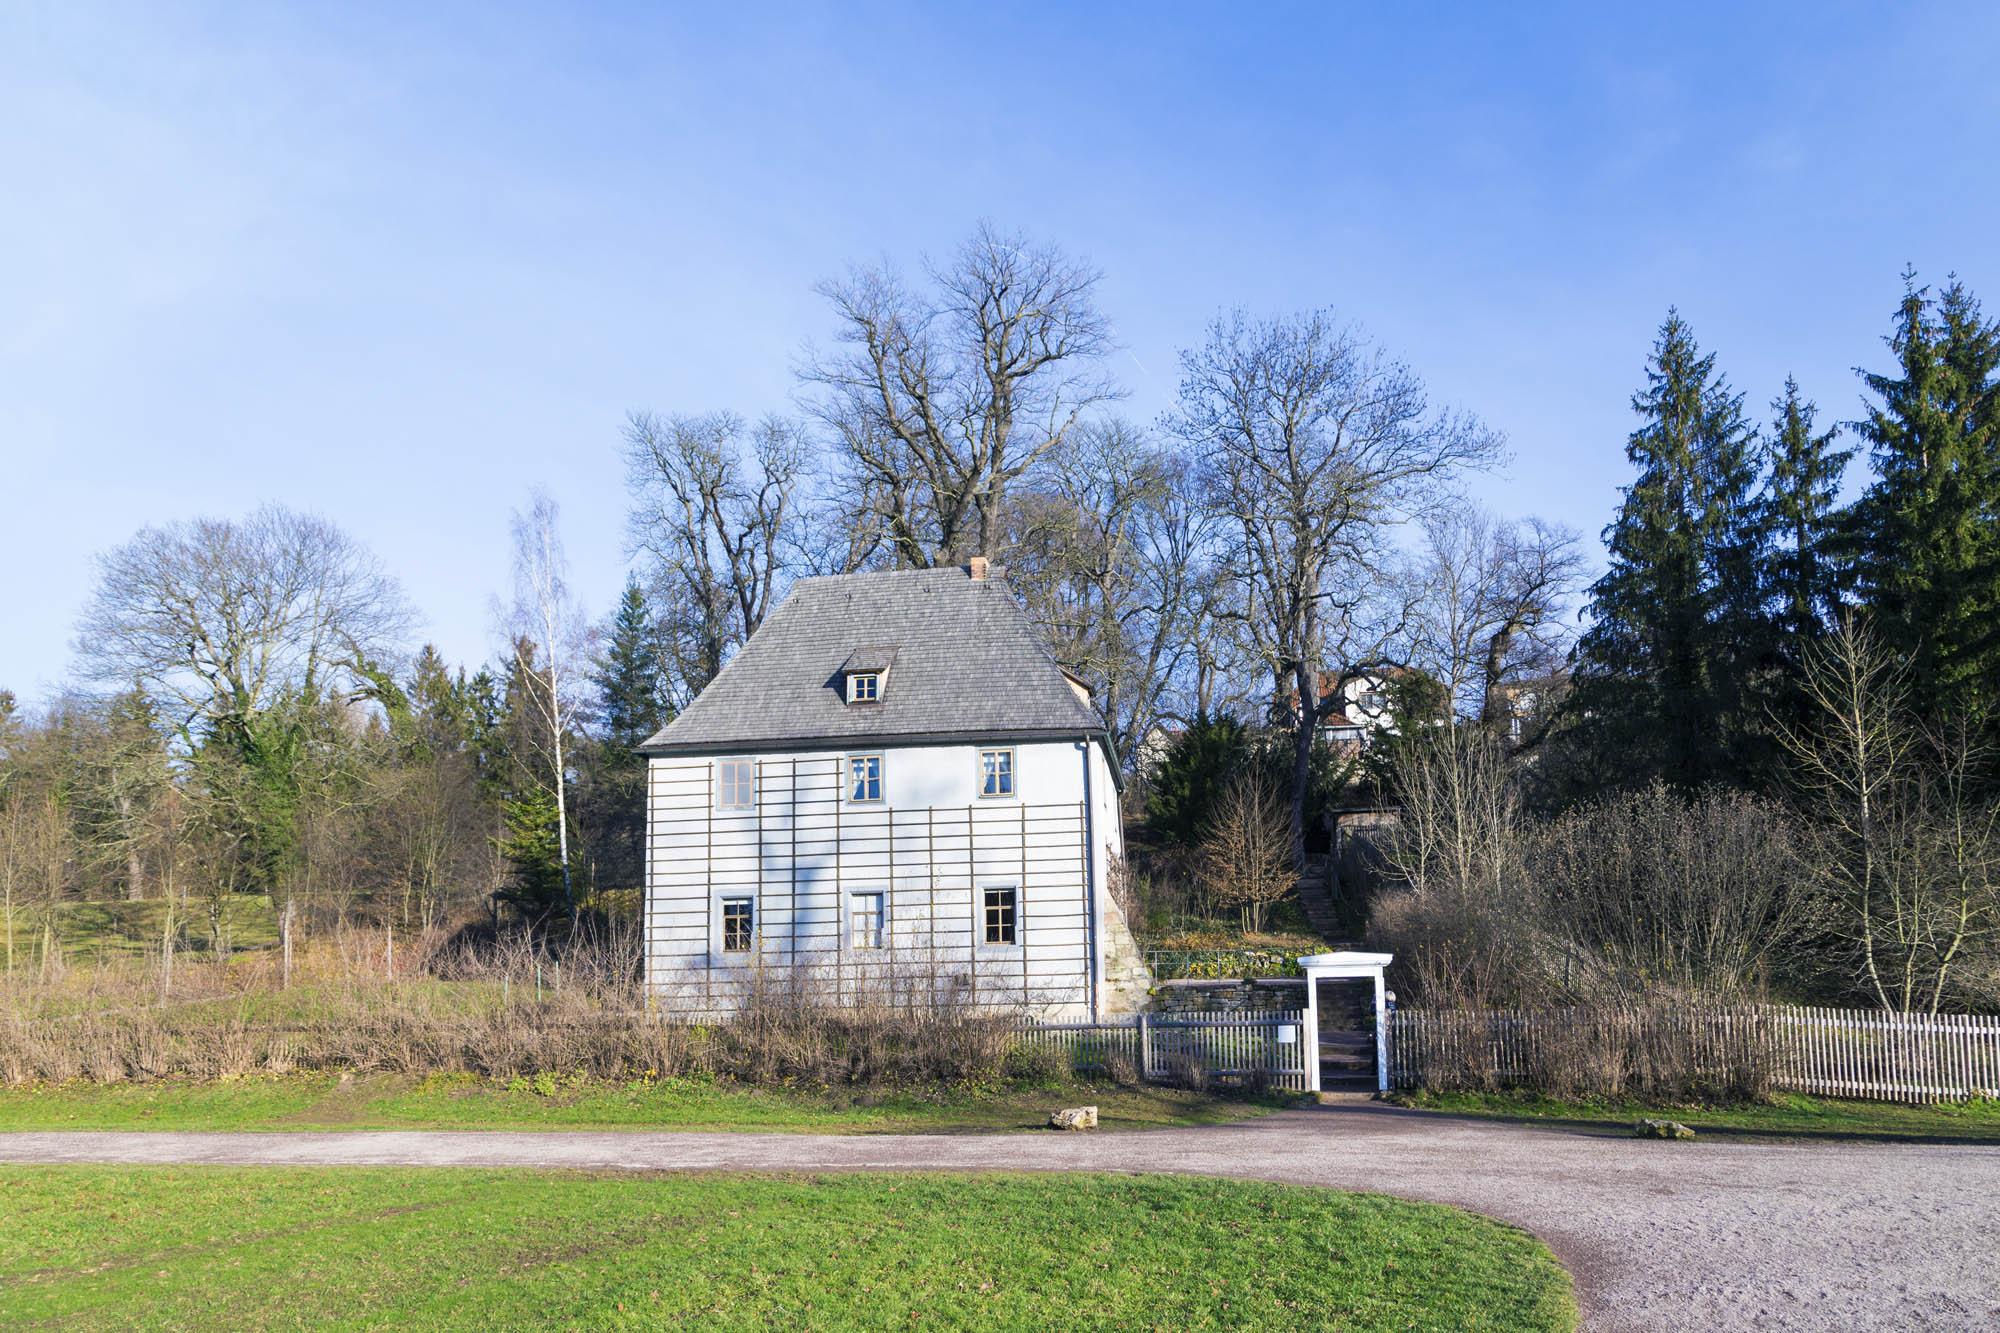 Goethes Gartenhaus im Park an der Ilm in Weimar, Deutschland